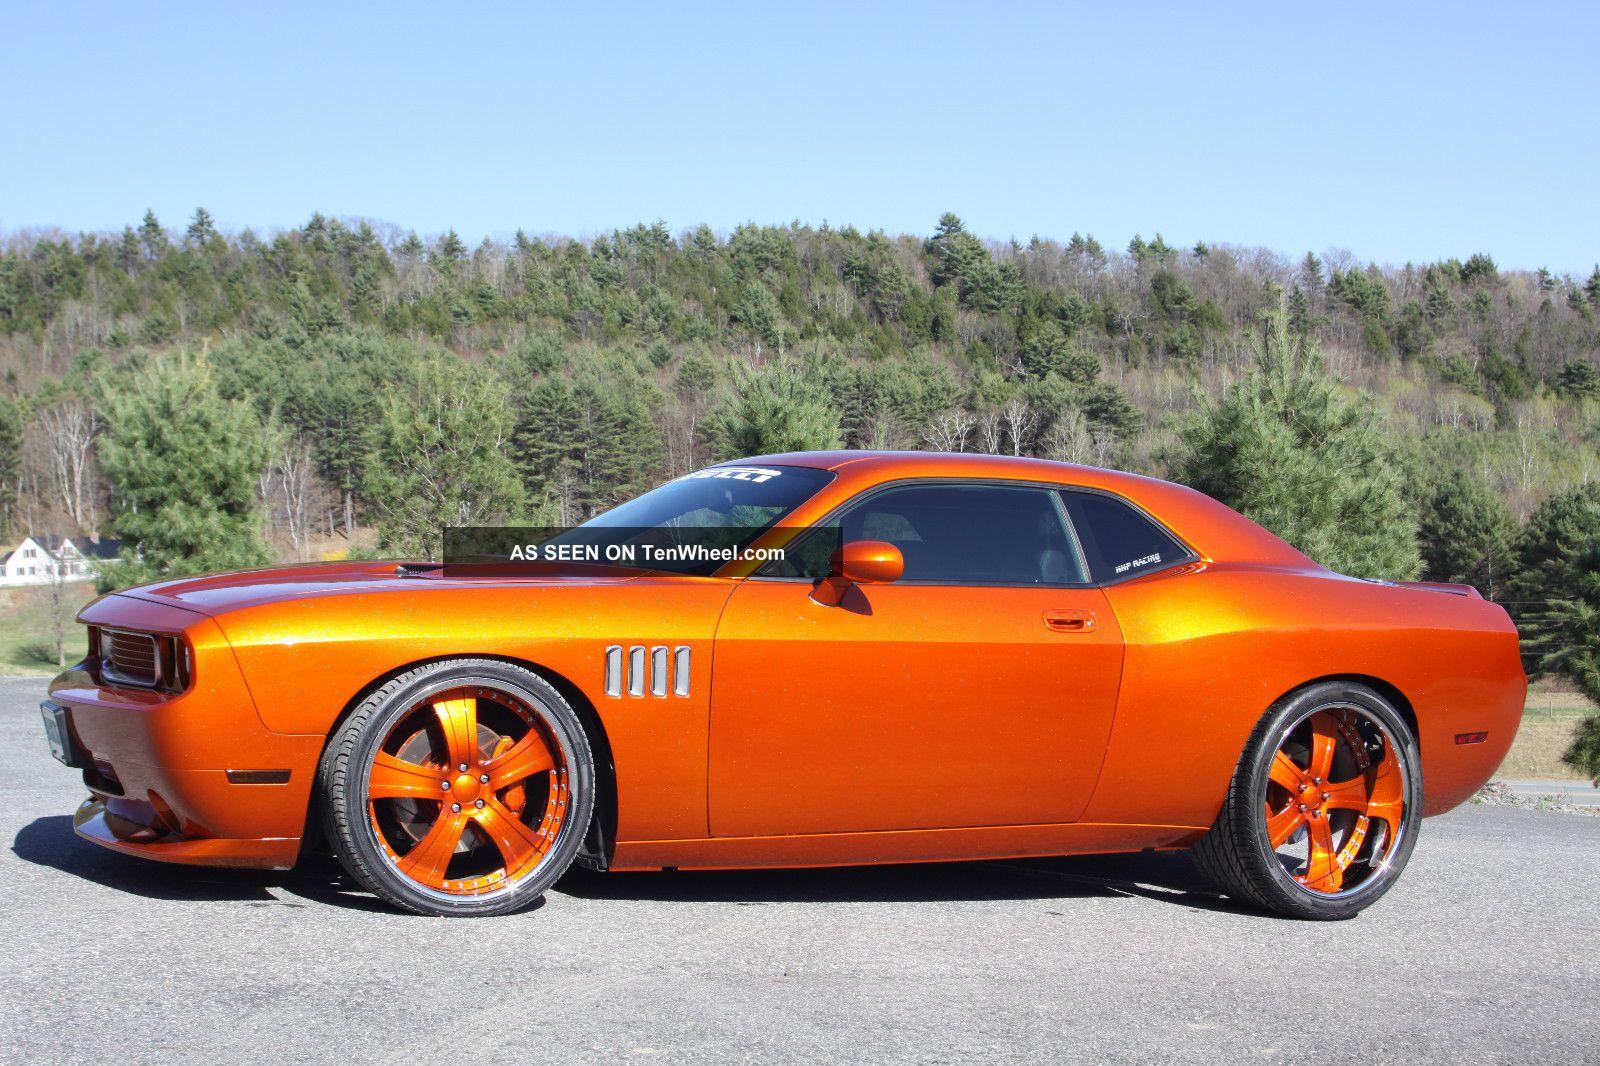 2008 Dodge Challenger Srt8 Coupe 2 - Door 1200hp Blown 440 Wide Body Challenger photo